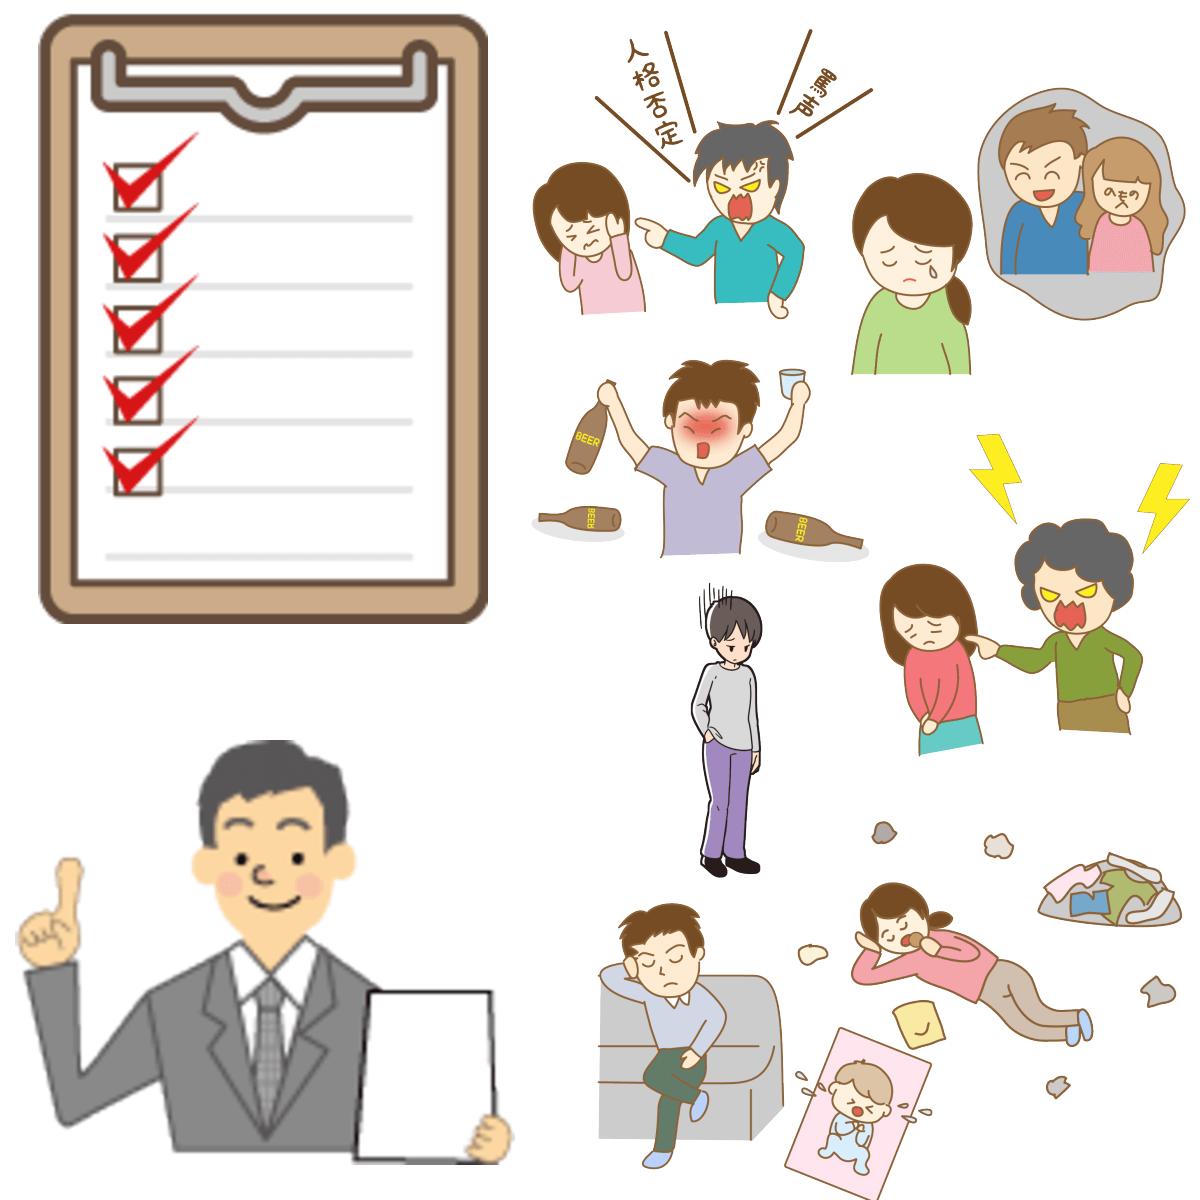 人間関係、家族関係、アルコール依存、子育て、恋愛、結婚など毒親が起こす問題や毒親の特徴をチェックしているイメージ